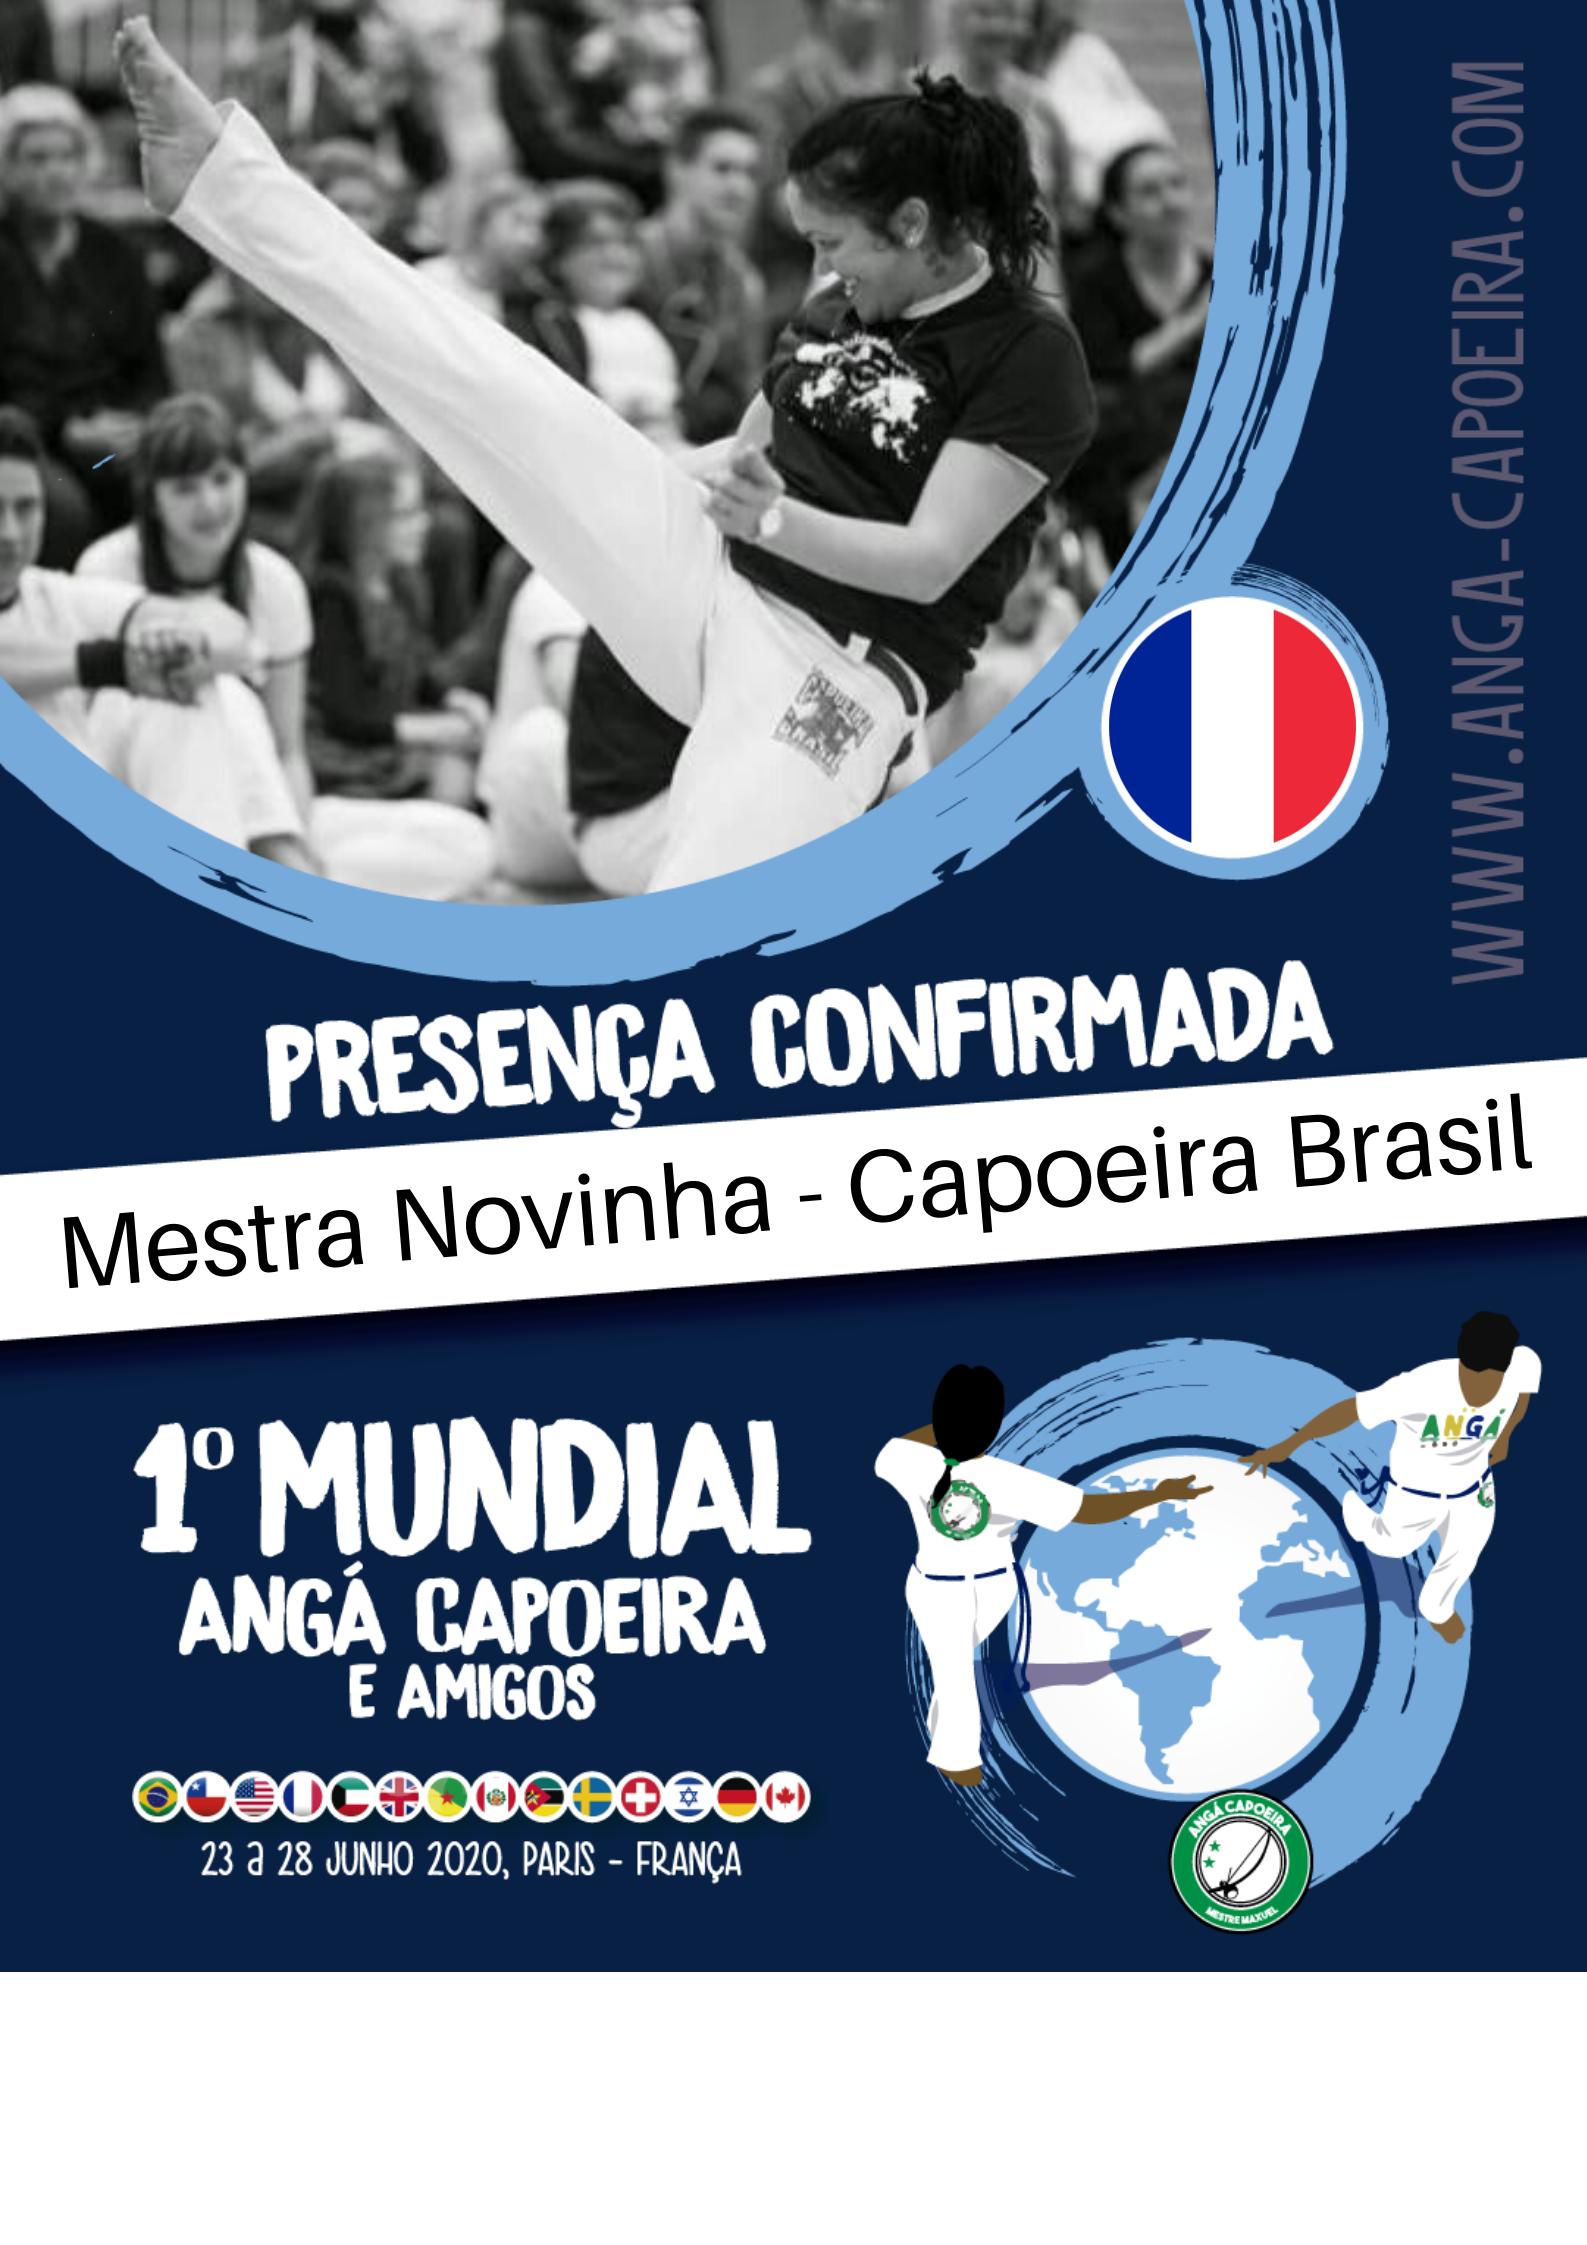 Mestra Novinha - Capoeira Brasil